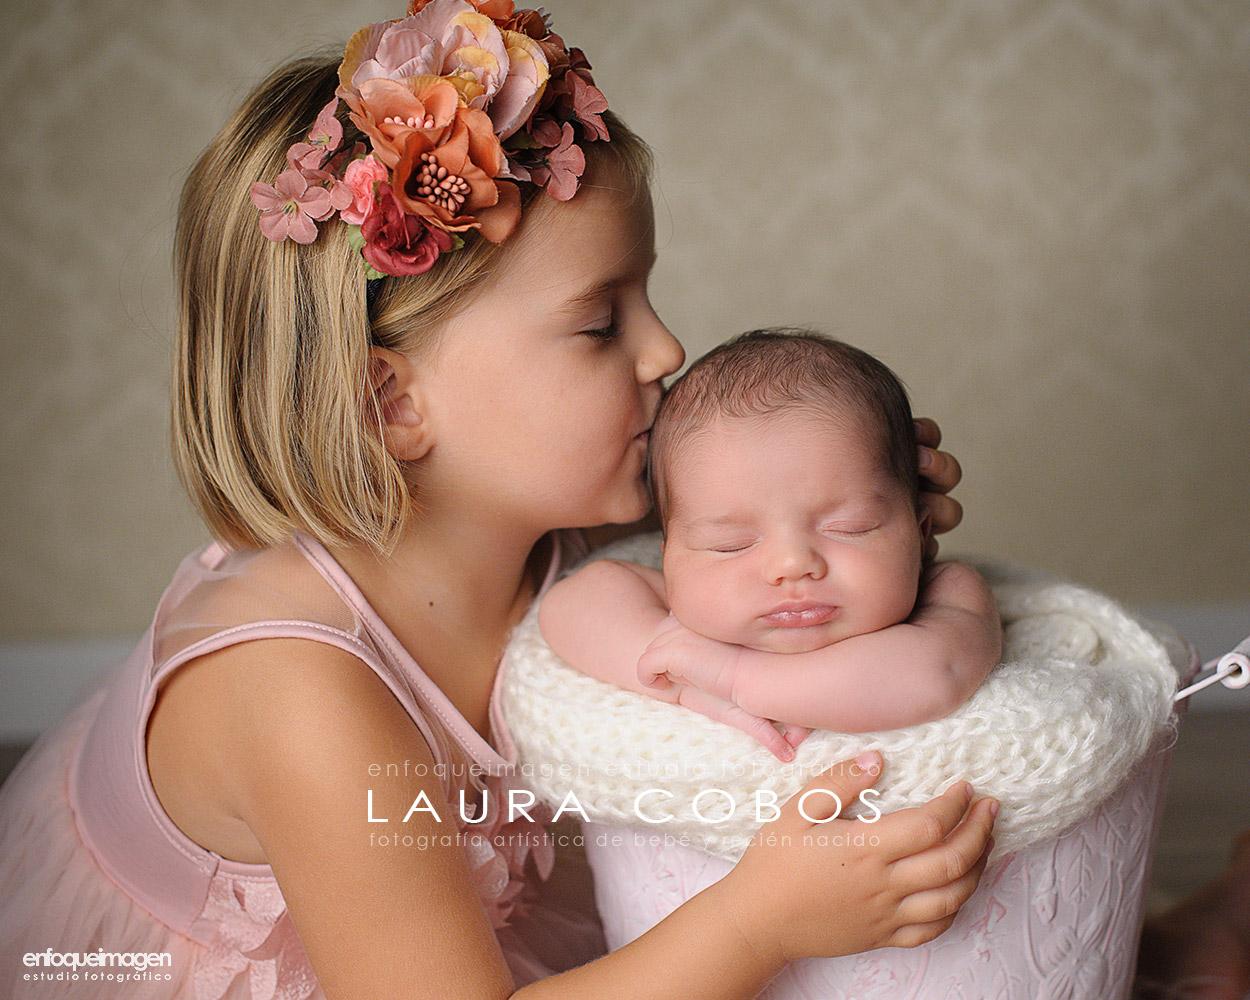 fotos familia, adorables bebés, fotografía bebés málaga, fotos recien nacido málaga, reportajes de bebés, fotógrafía artística, Laura Cobos